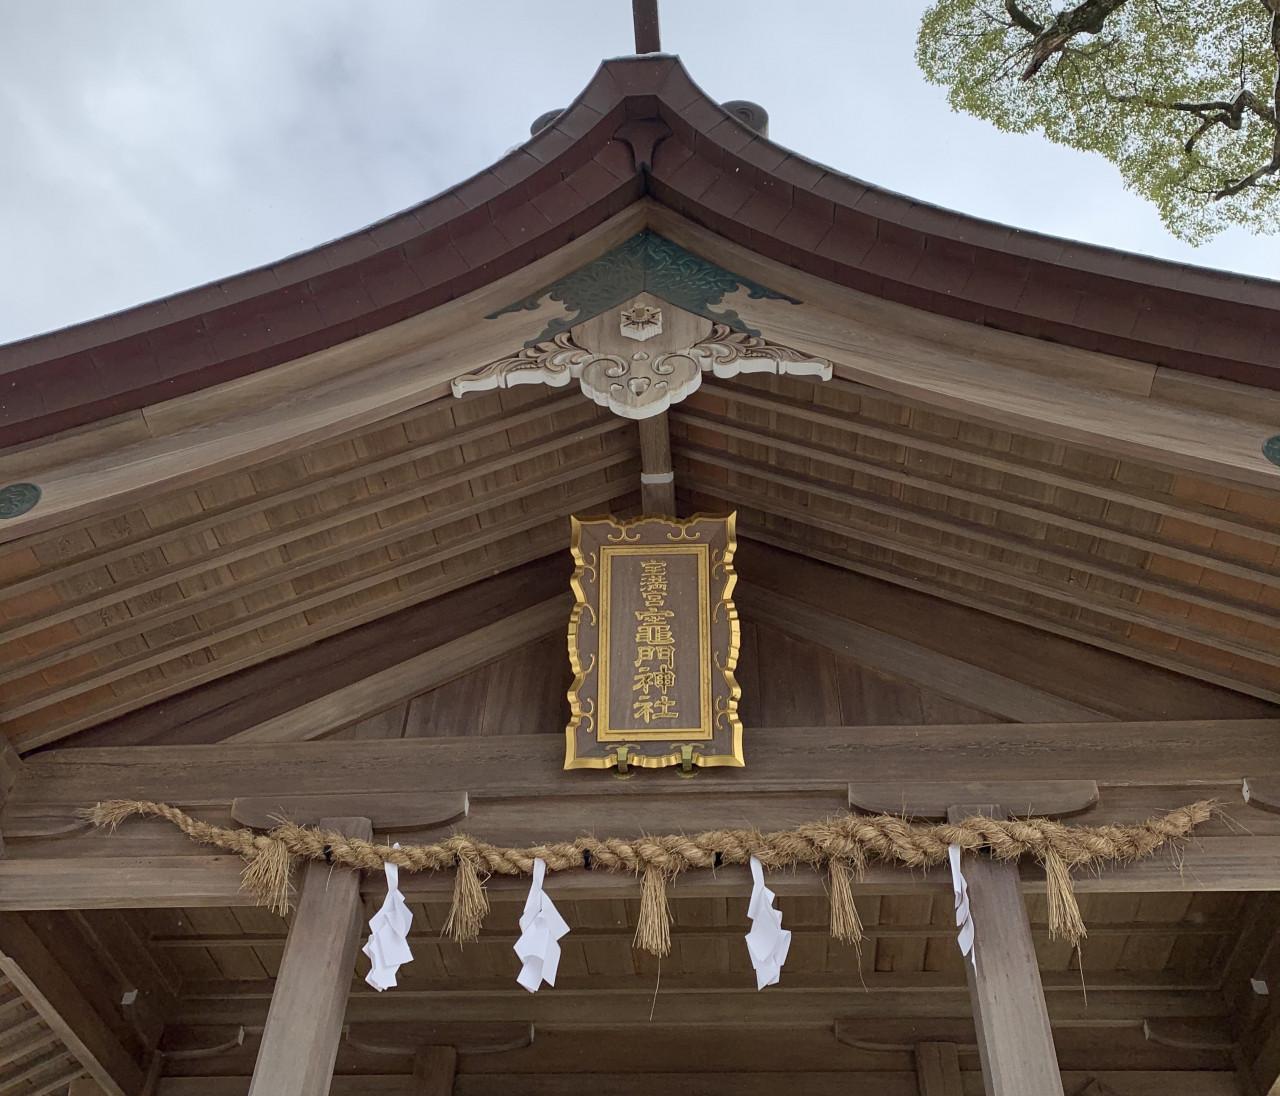 鬼滅の刃の聖地!?福岡・宝満宮竈門神社でお参りしてきました!